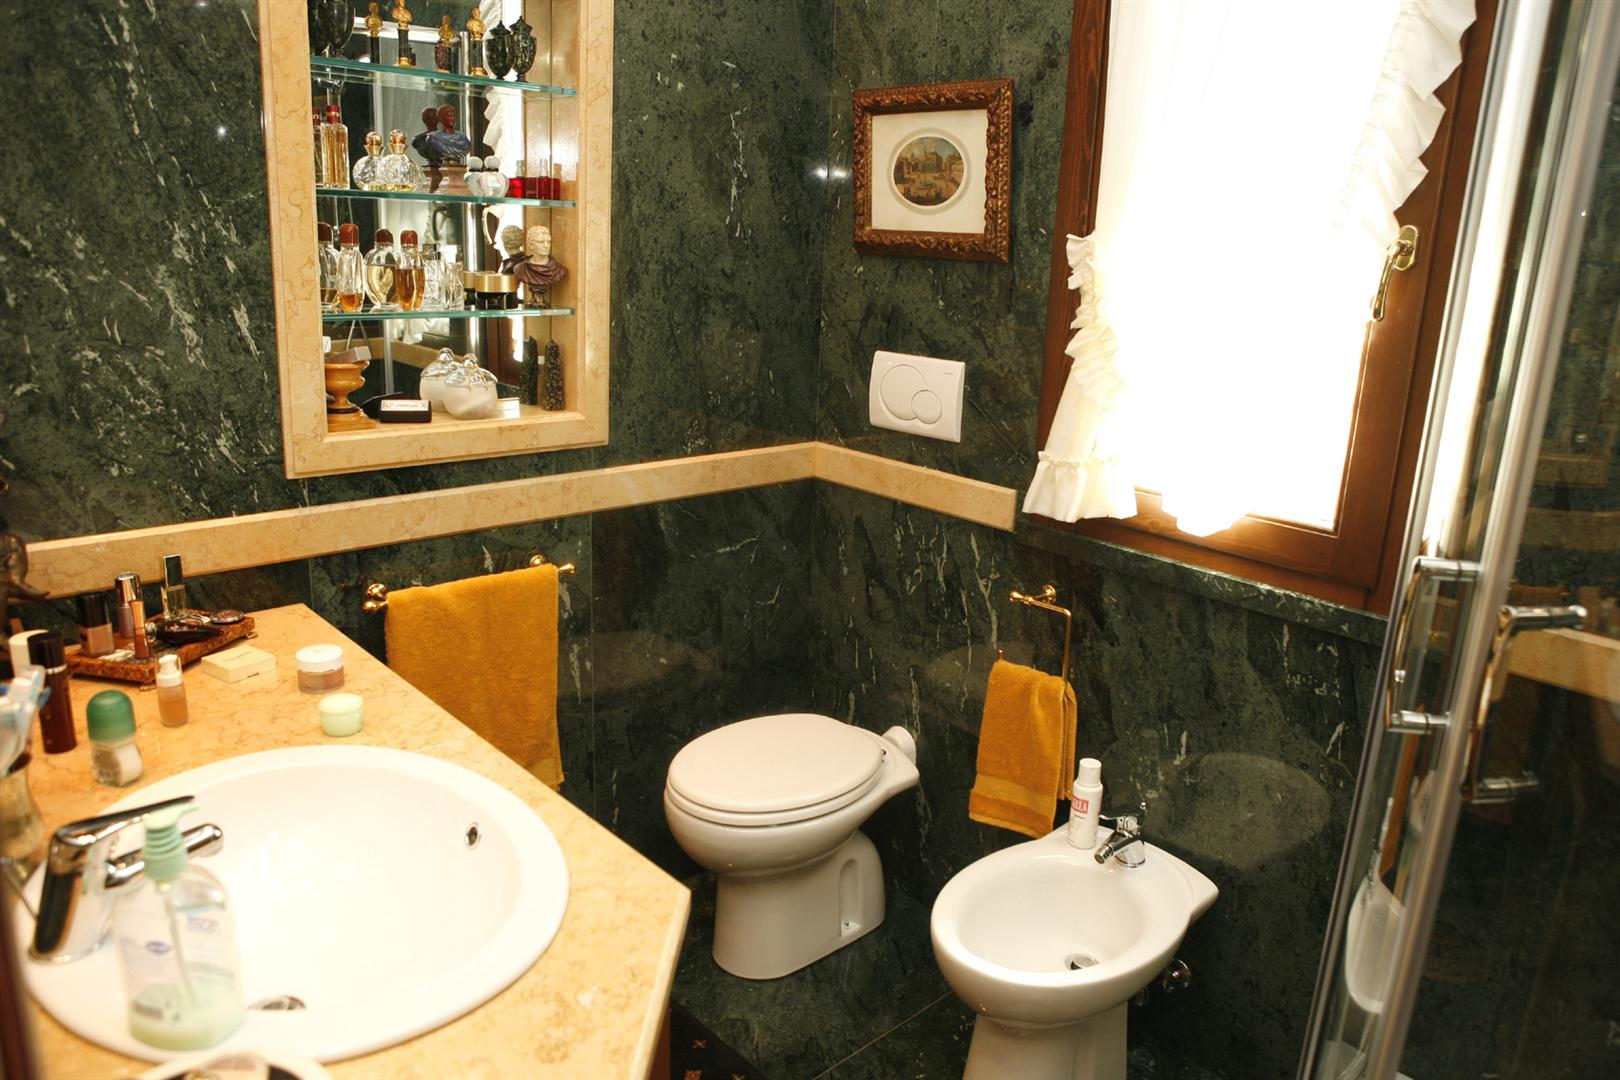 cesaroni marmi esegue top bagno rivestimenti per bagni in marmo lavabi e piatti doccia a massello top bagno in marmo granito ed in agglomerato